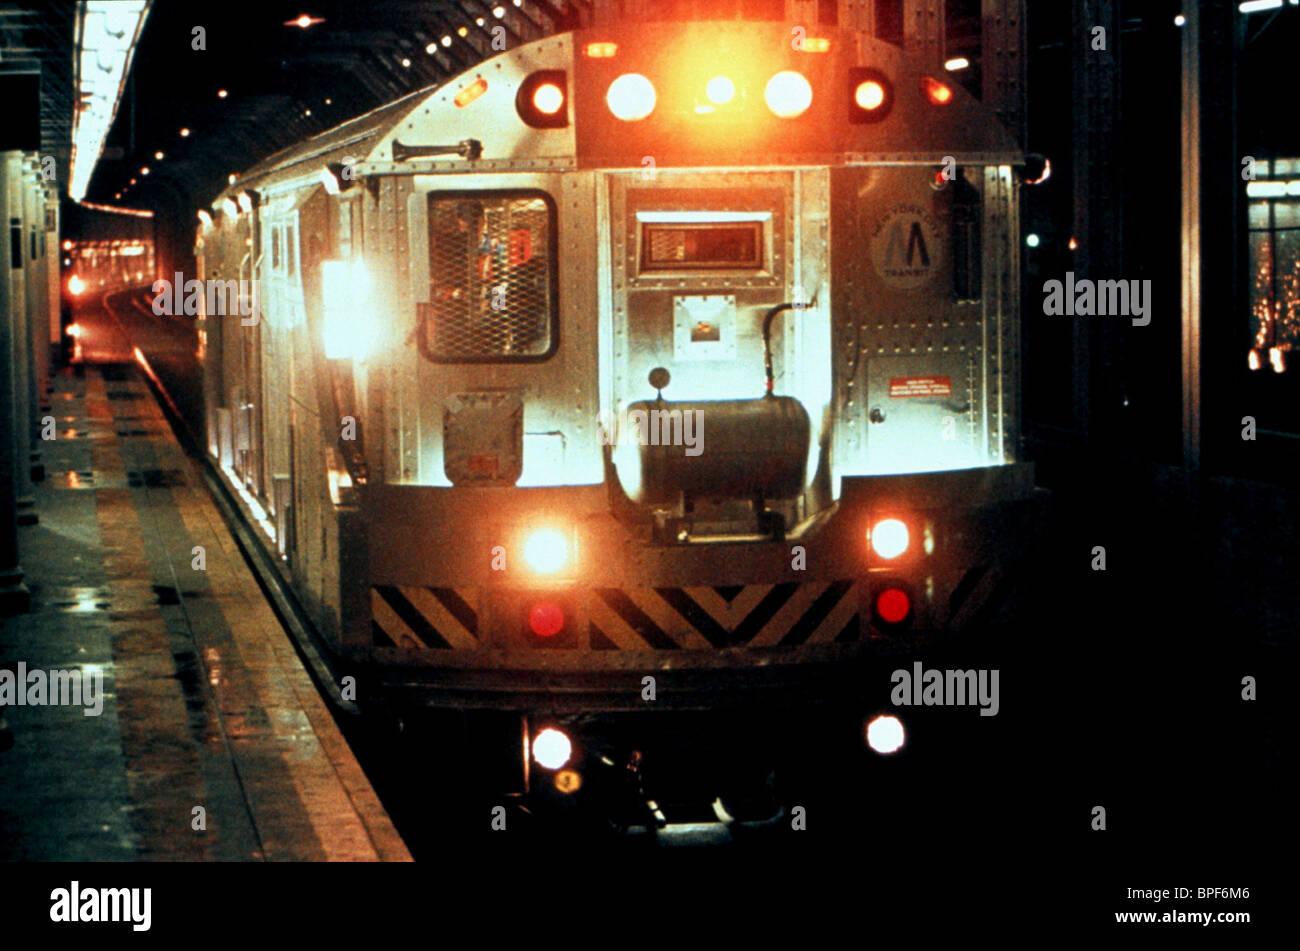 SUBWAY TRAIN MONEY TRAIN (1995 Stock Photo, Royalty Free ...